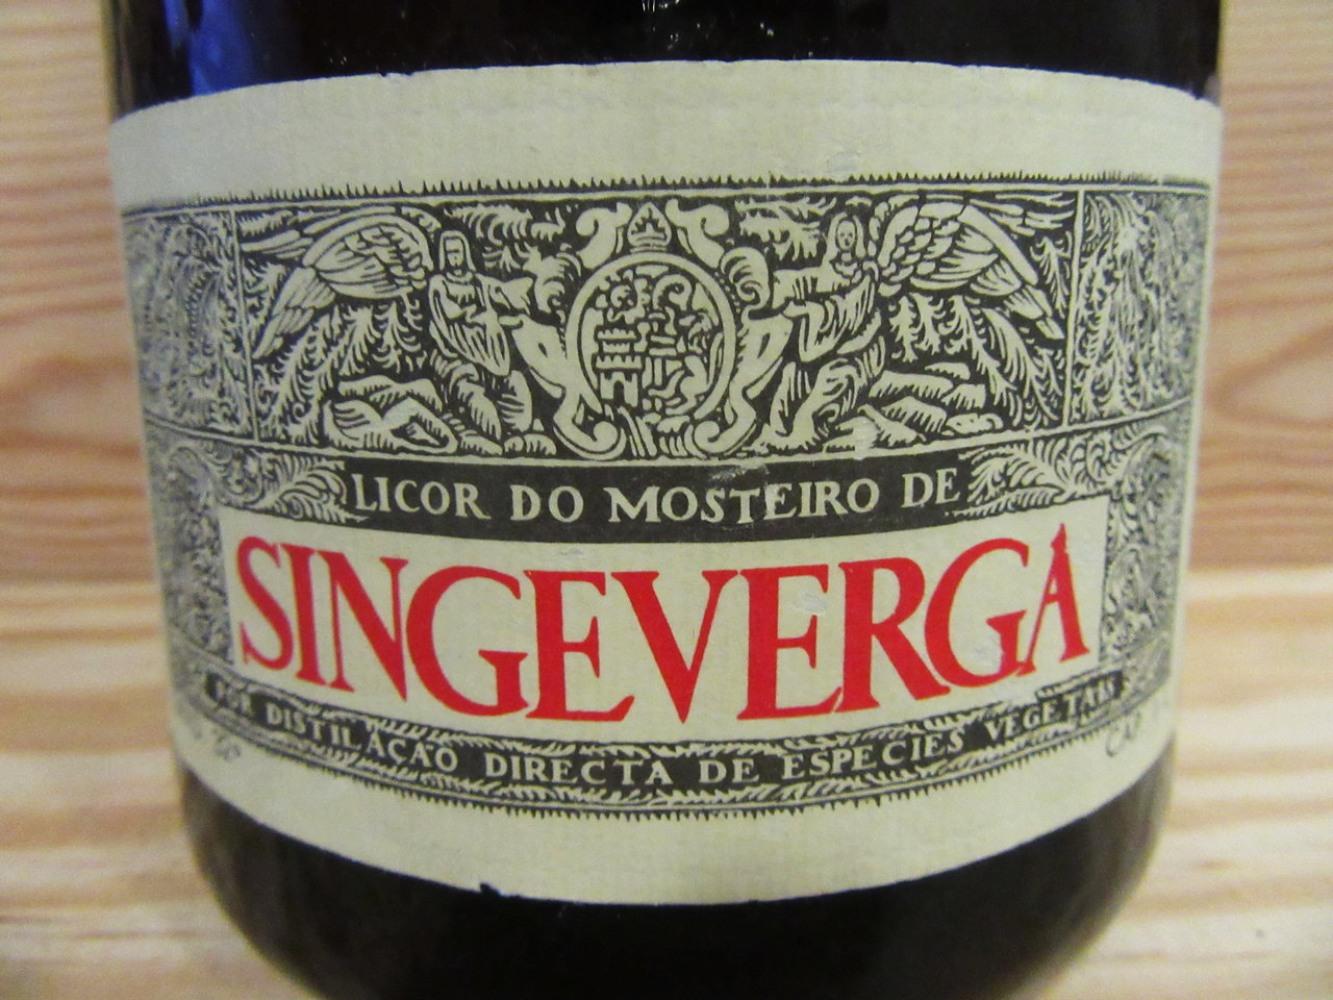 Garrafa de licor de Singeverga